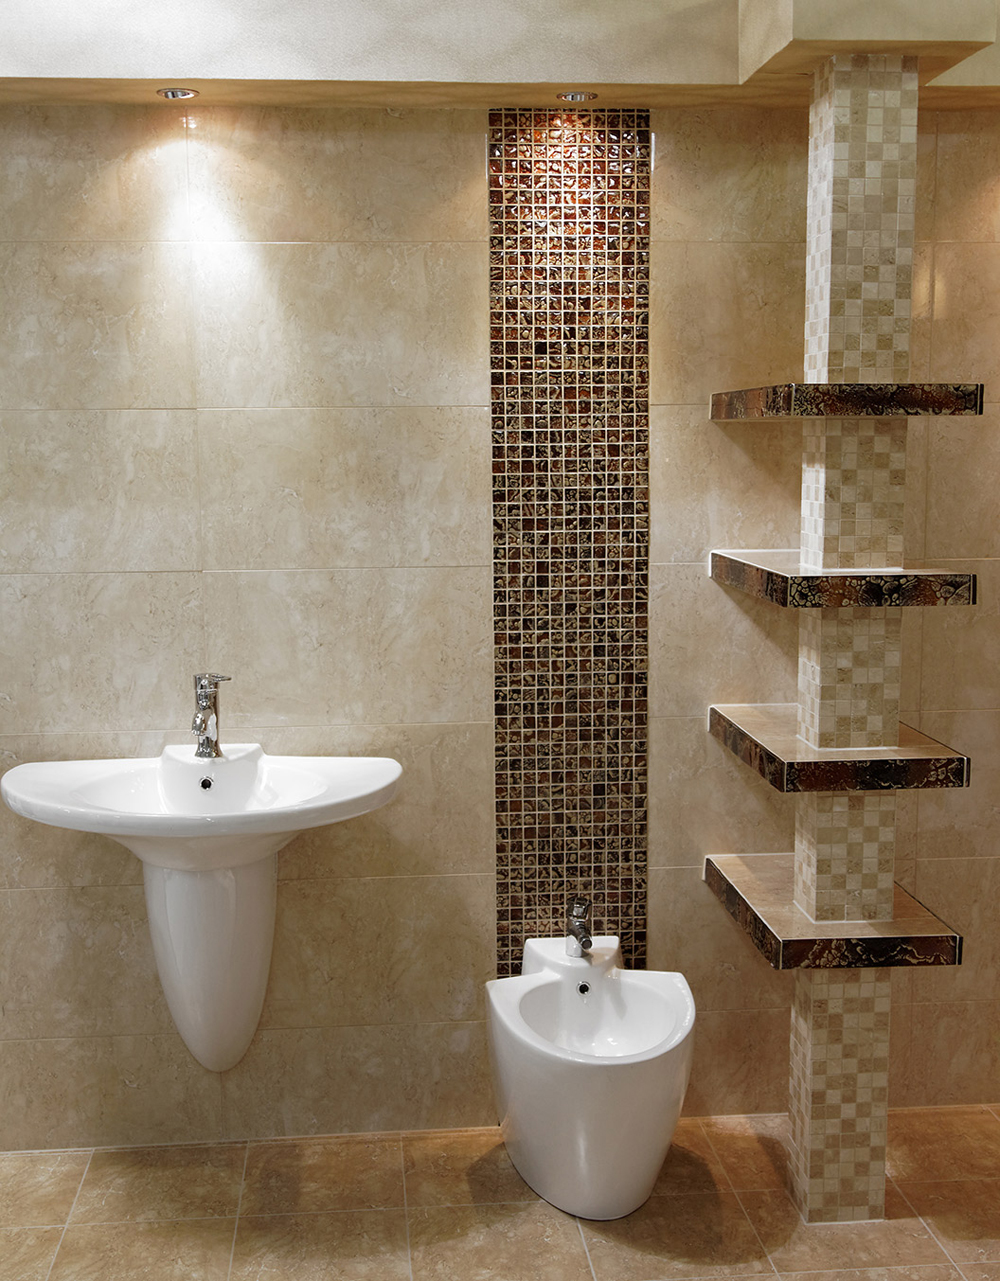 Tegelzetbedrijf g c cremer van idee naar ontwerp en uitvoeringmoza ek laat het leggen door - Idee voor de badkamer ...